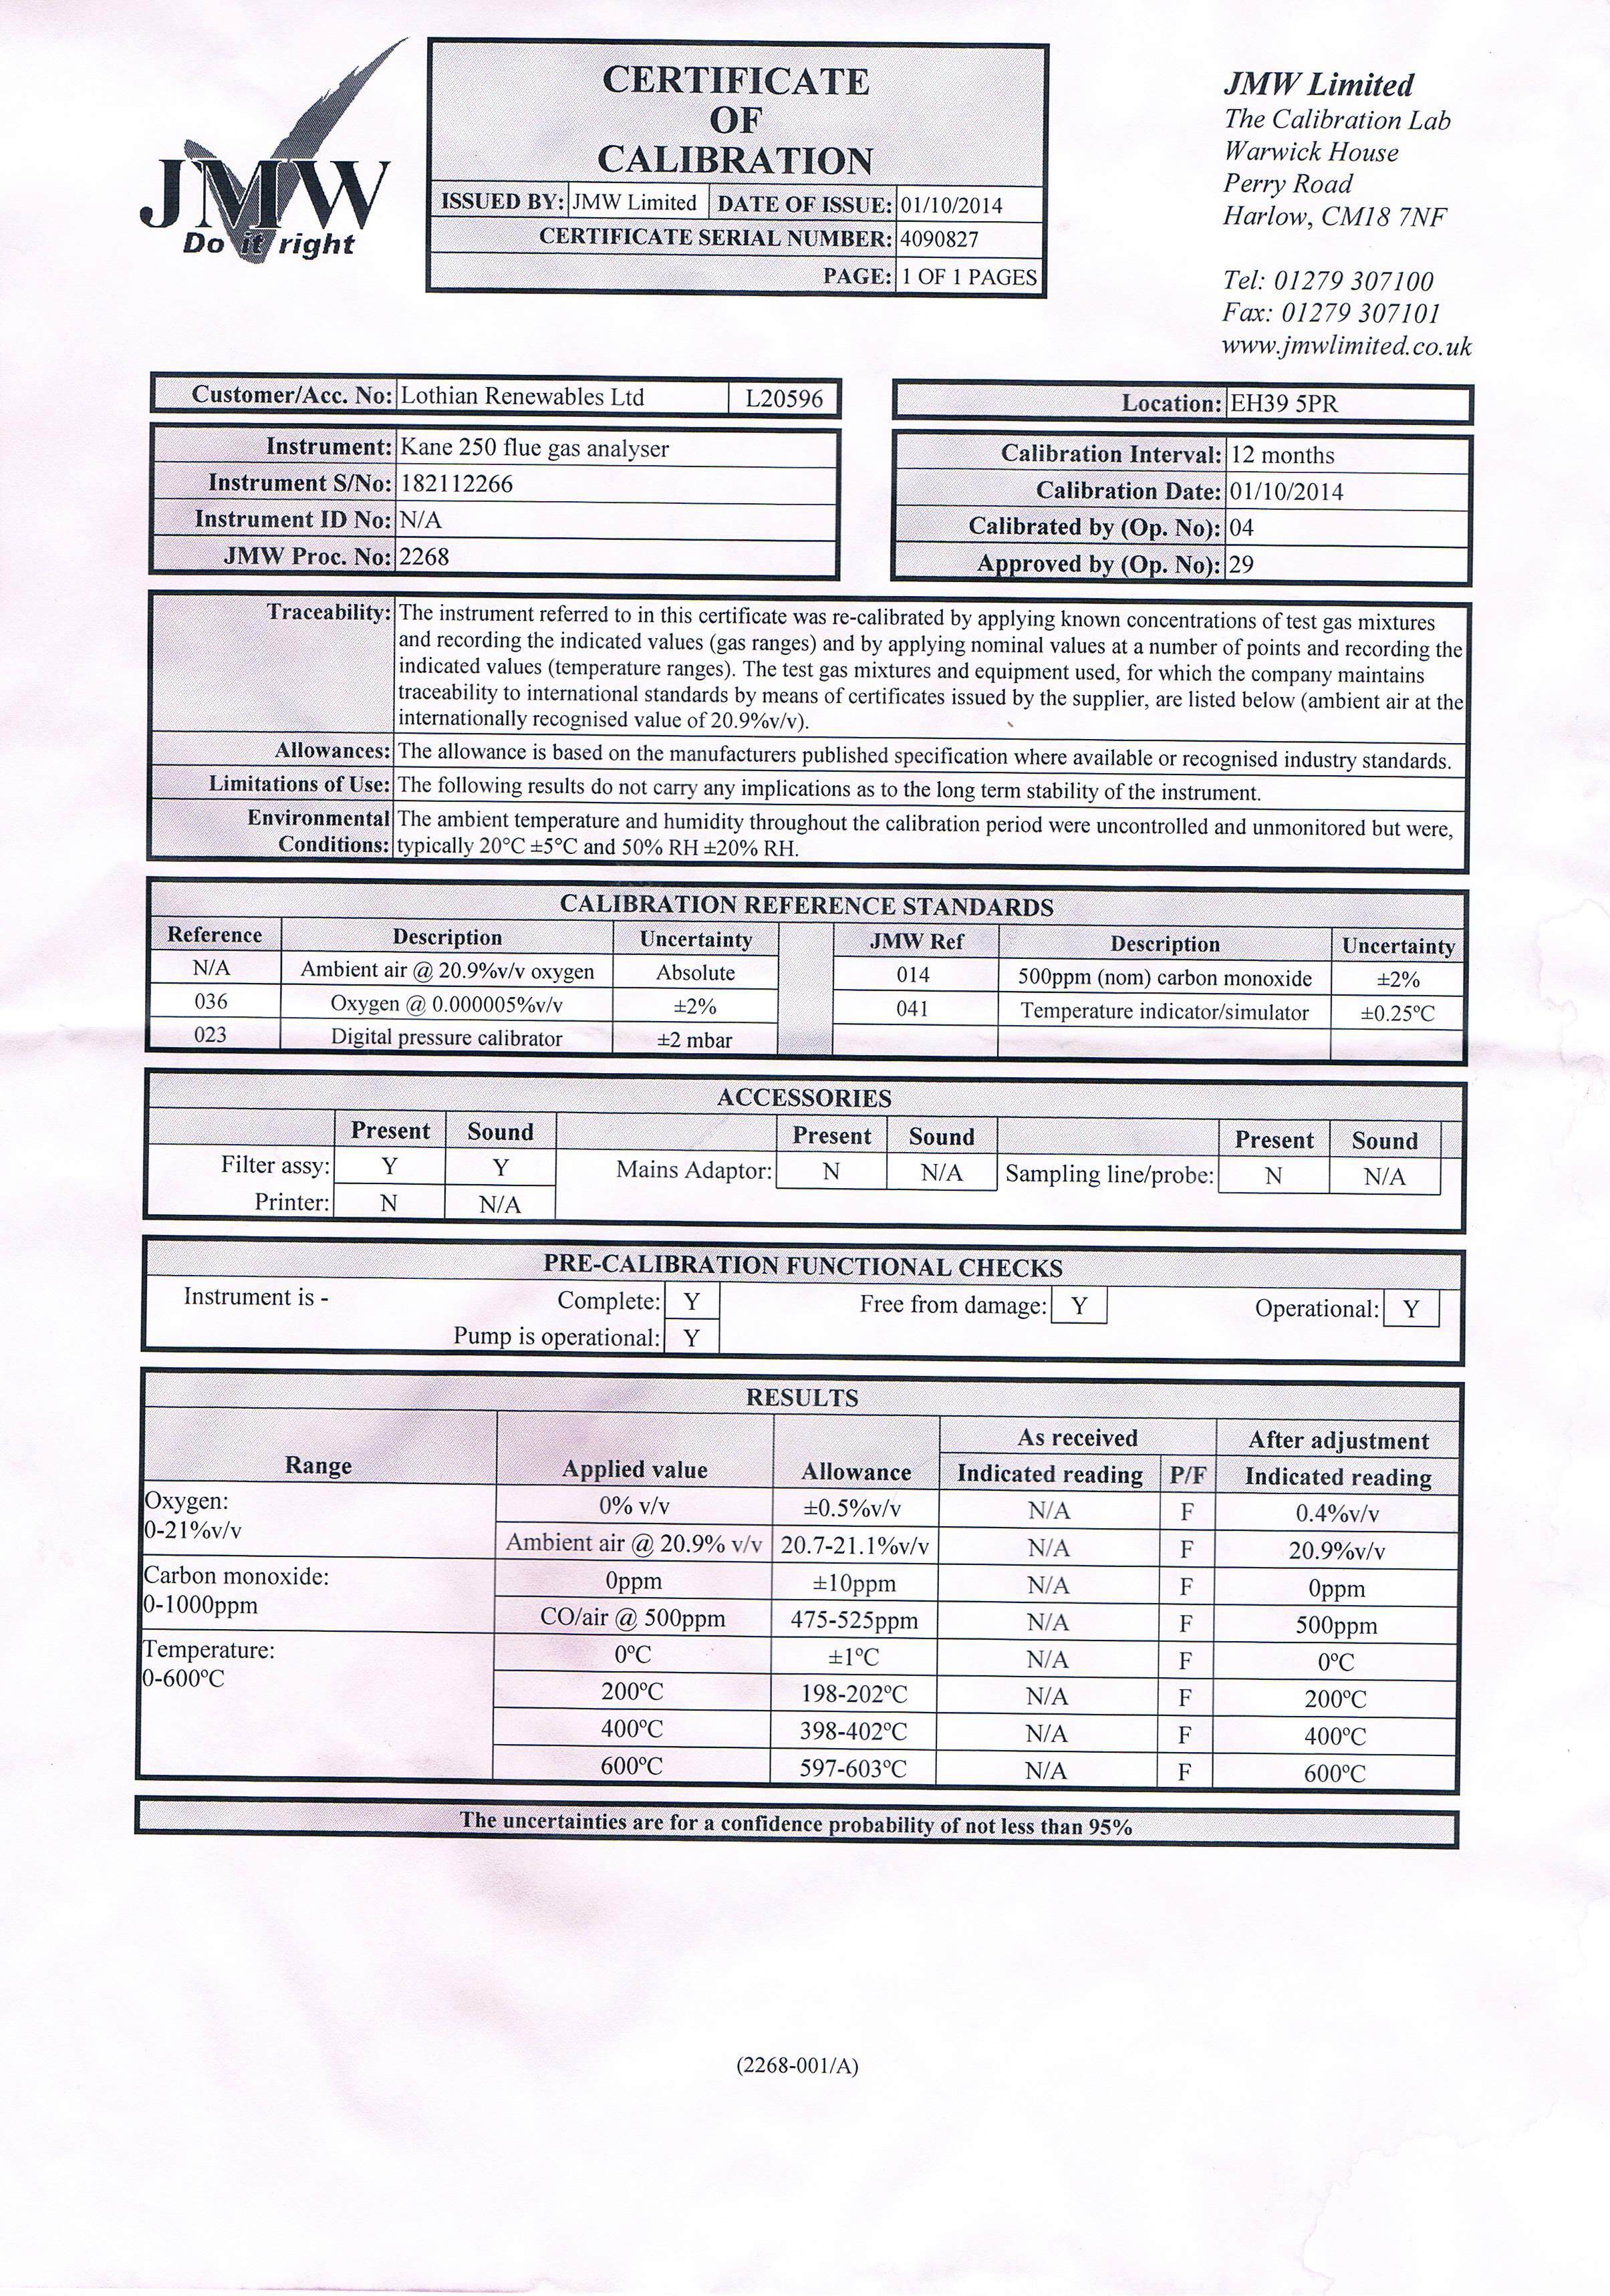 Famoso calibration certificate colecci n de im genes for Pressure gauge calibration certificate template